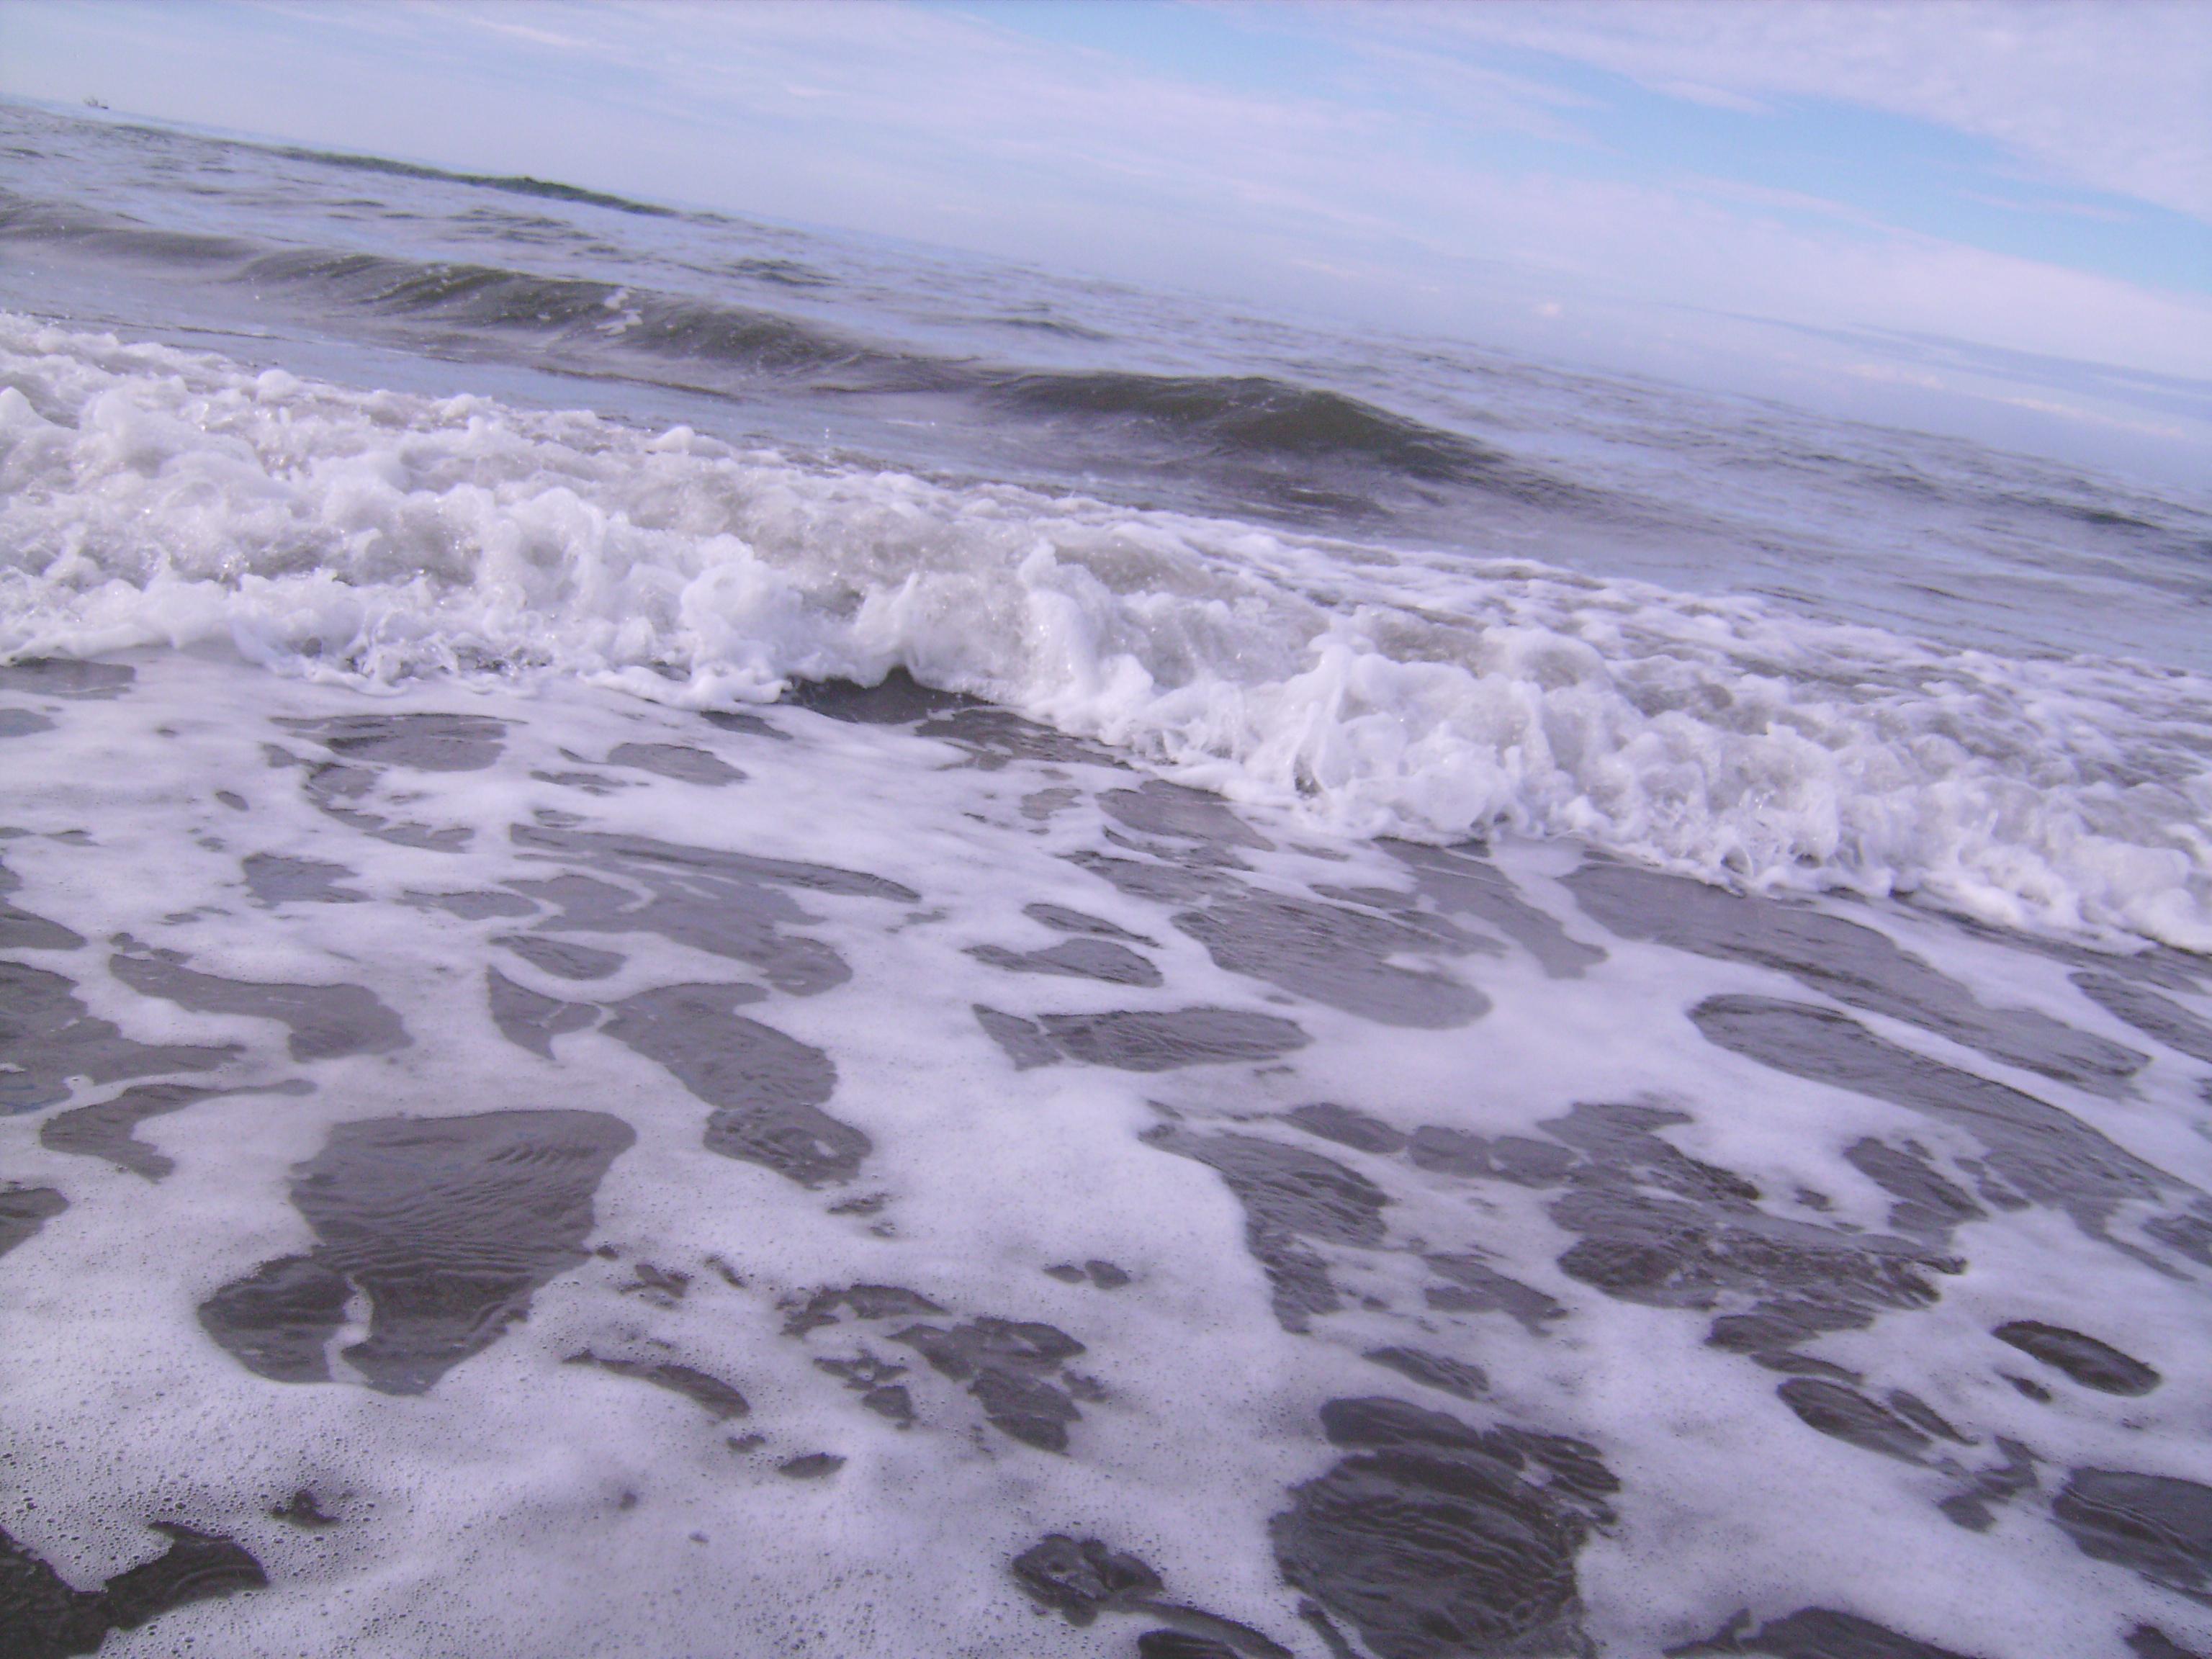 Két tenger közt egy hullámsáv, félig még fodrozó, félig merev már,<br />ez vagy, Szerápion. Ezek vagyunk: két tenger közt az Átmenet<br />hullámai, elporladók s mindig megújulók;<br />